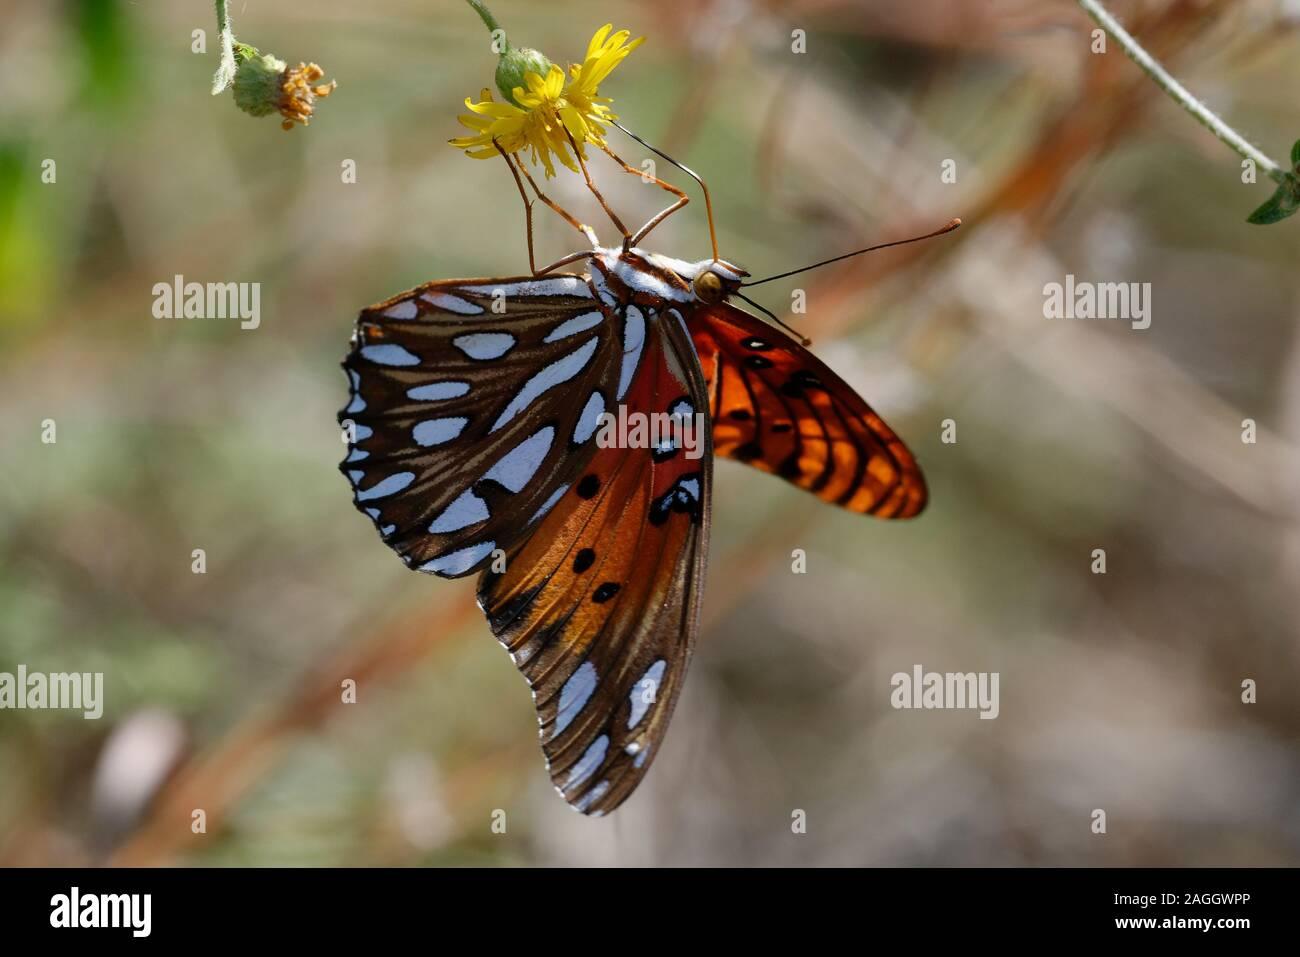 Golfo speyeria Butterfly alimentándose de flores Foto de stock